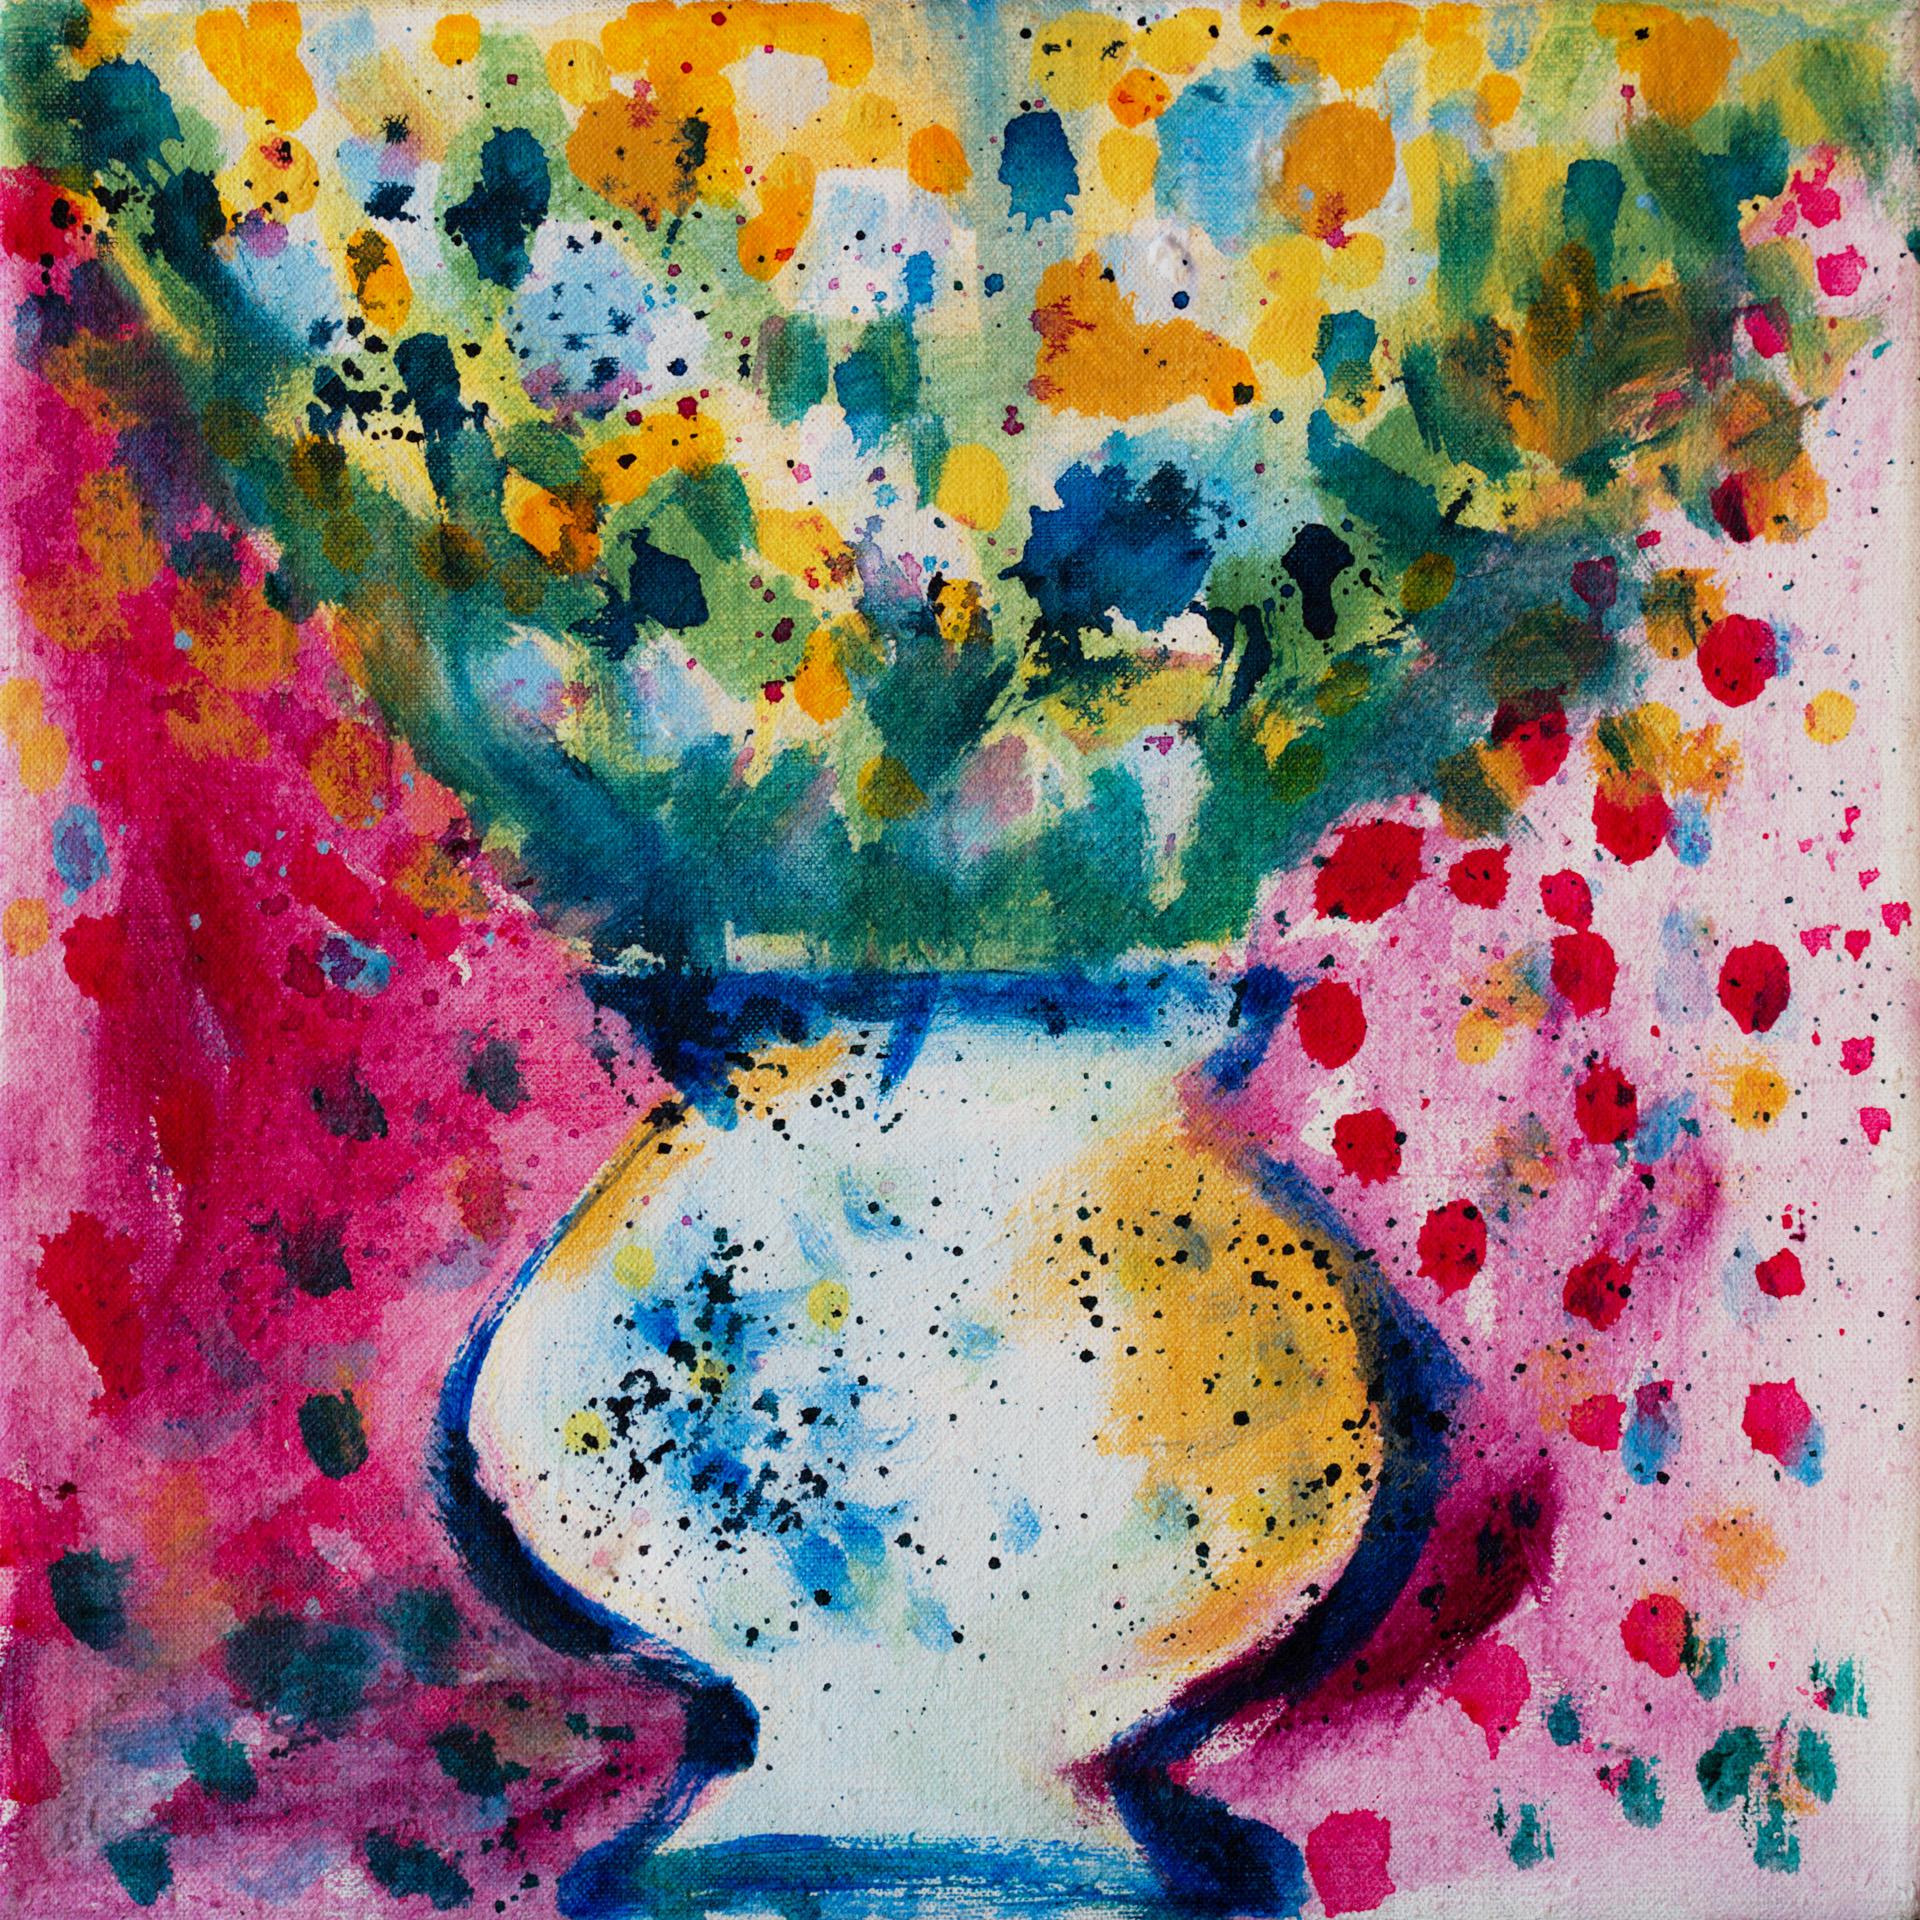 Still Life I / 1989 / oil on canvas / 30x30 cm